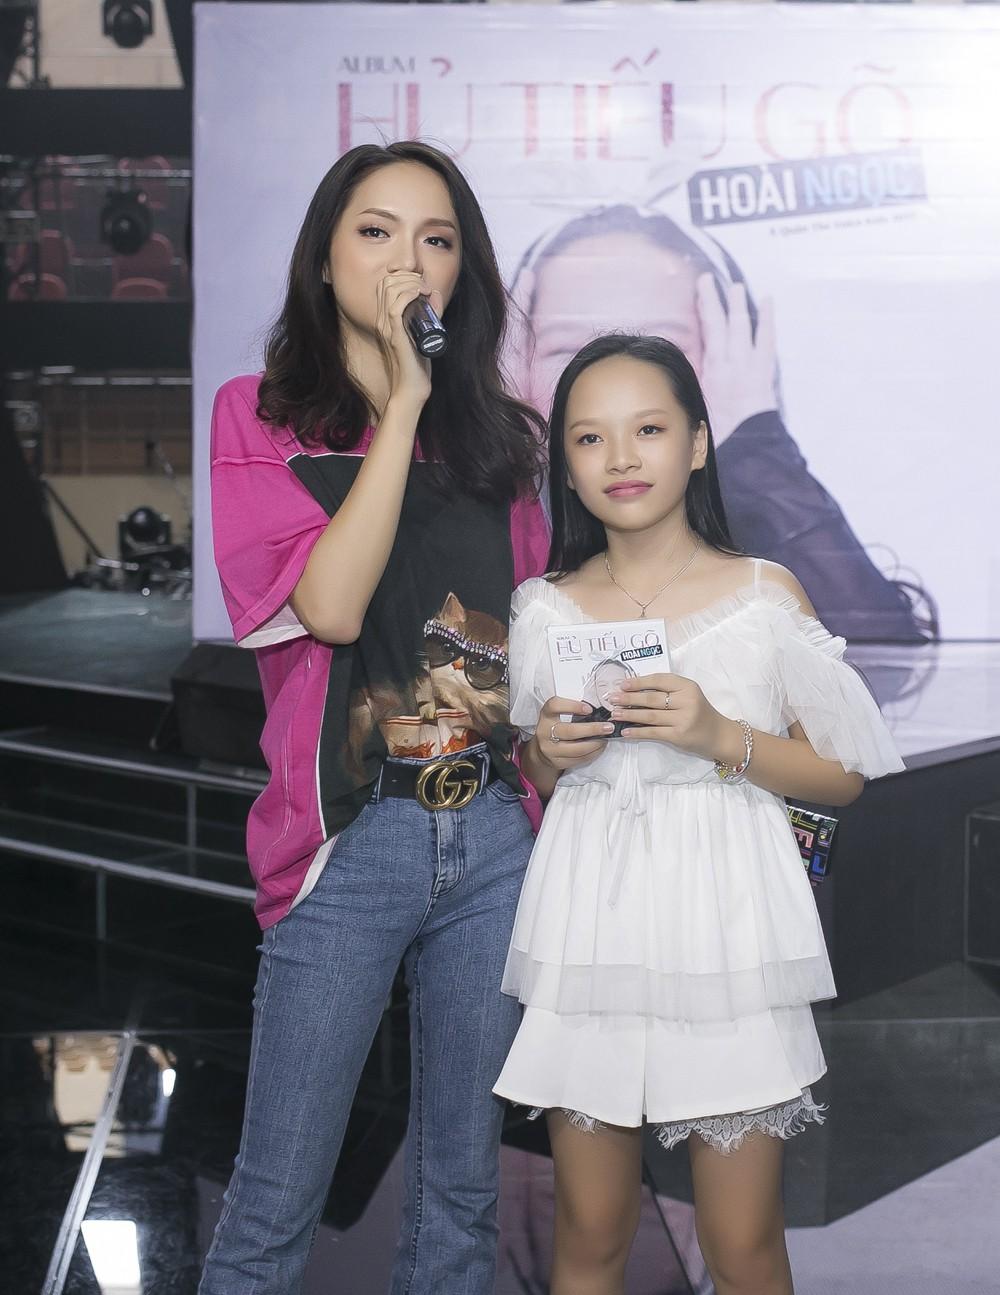 Con gái nuôi Soobin Hoàng Sơn xinh xắn tạo dáng bên bố và Lưu Thiên Hương - Ảnh 6.